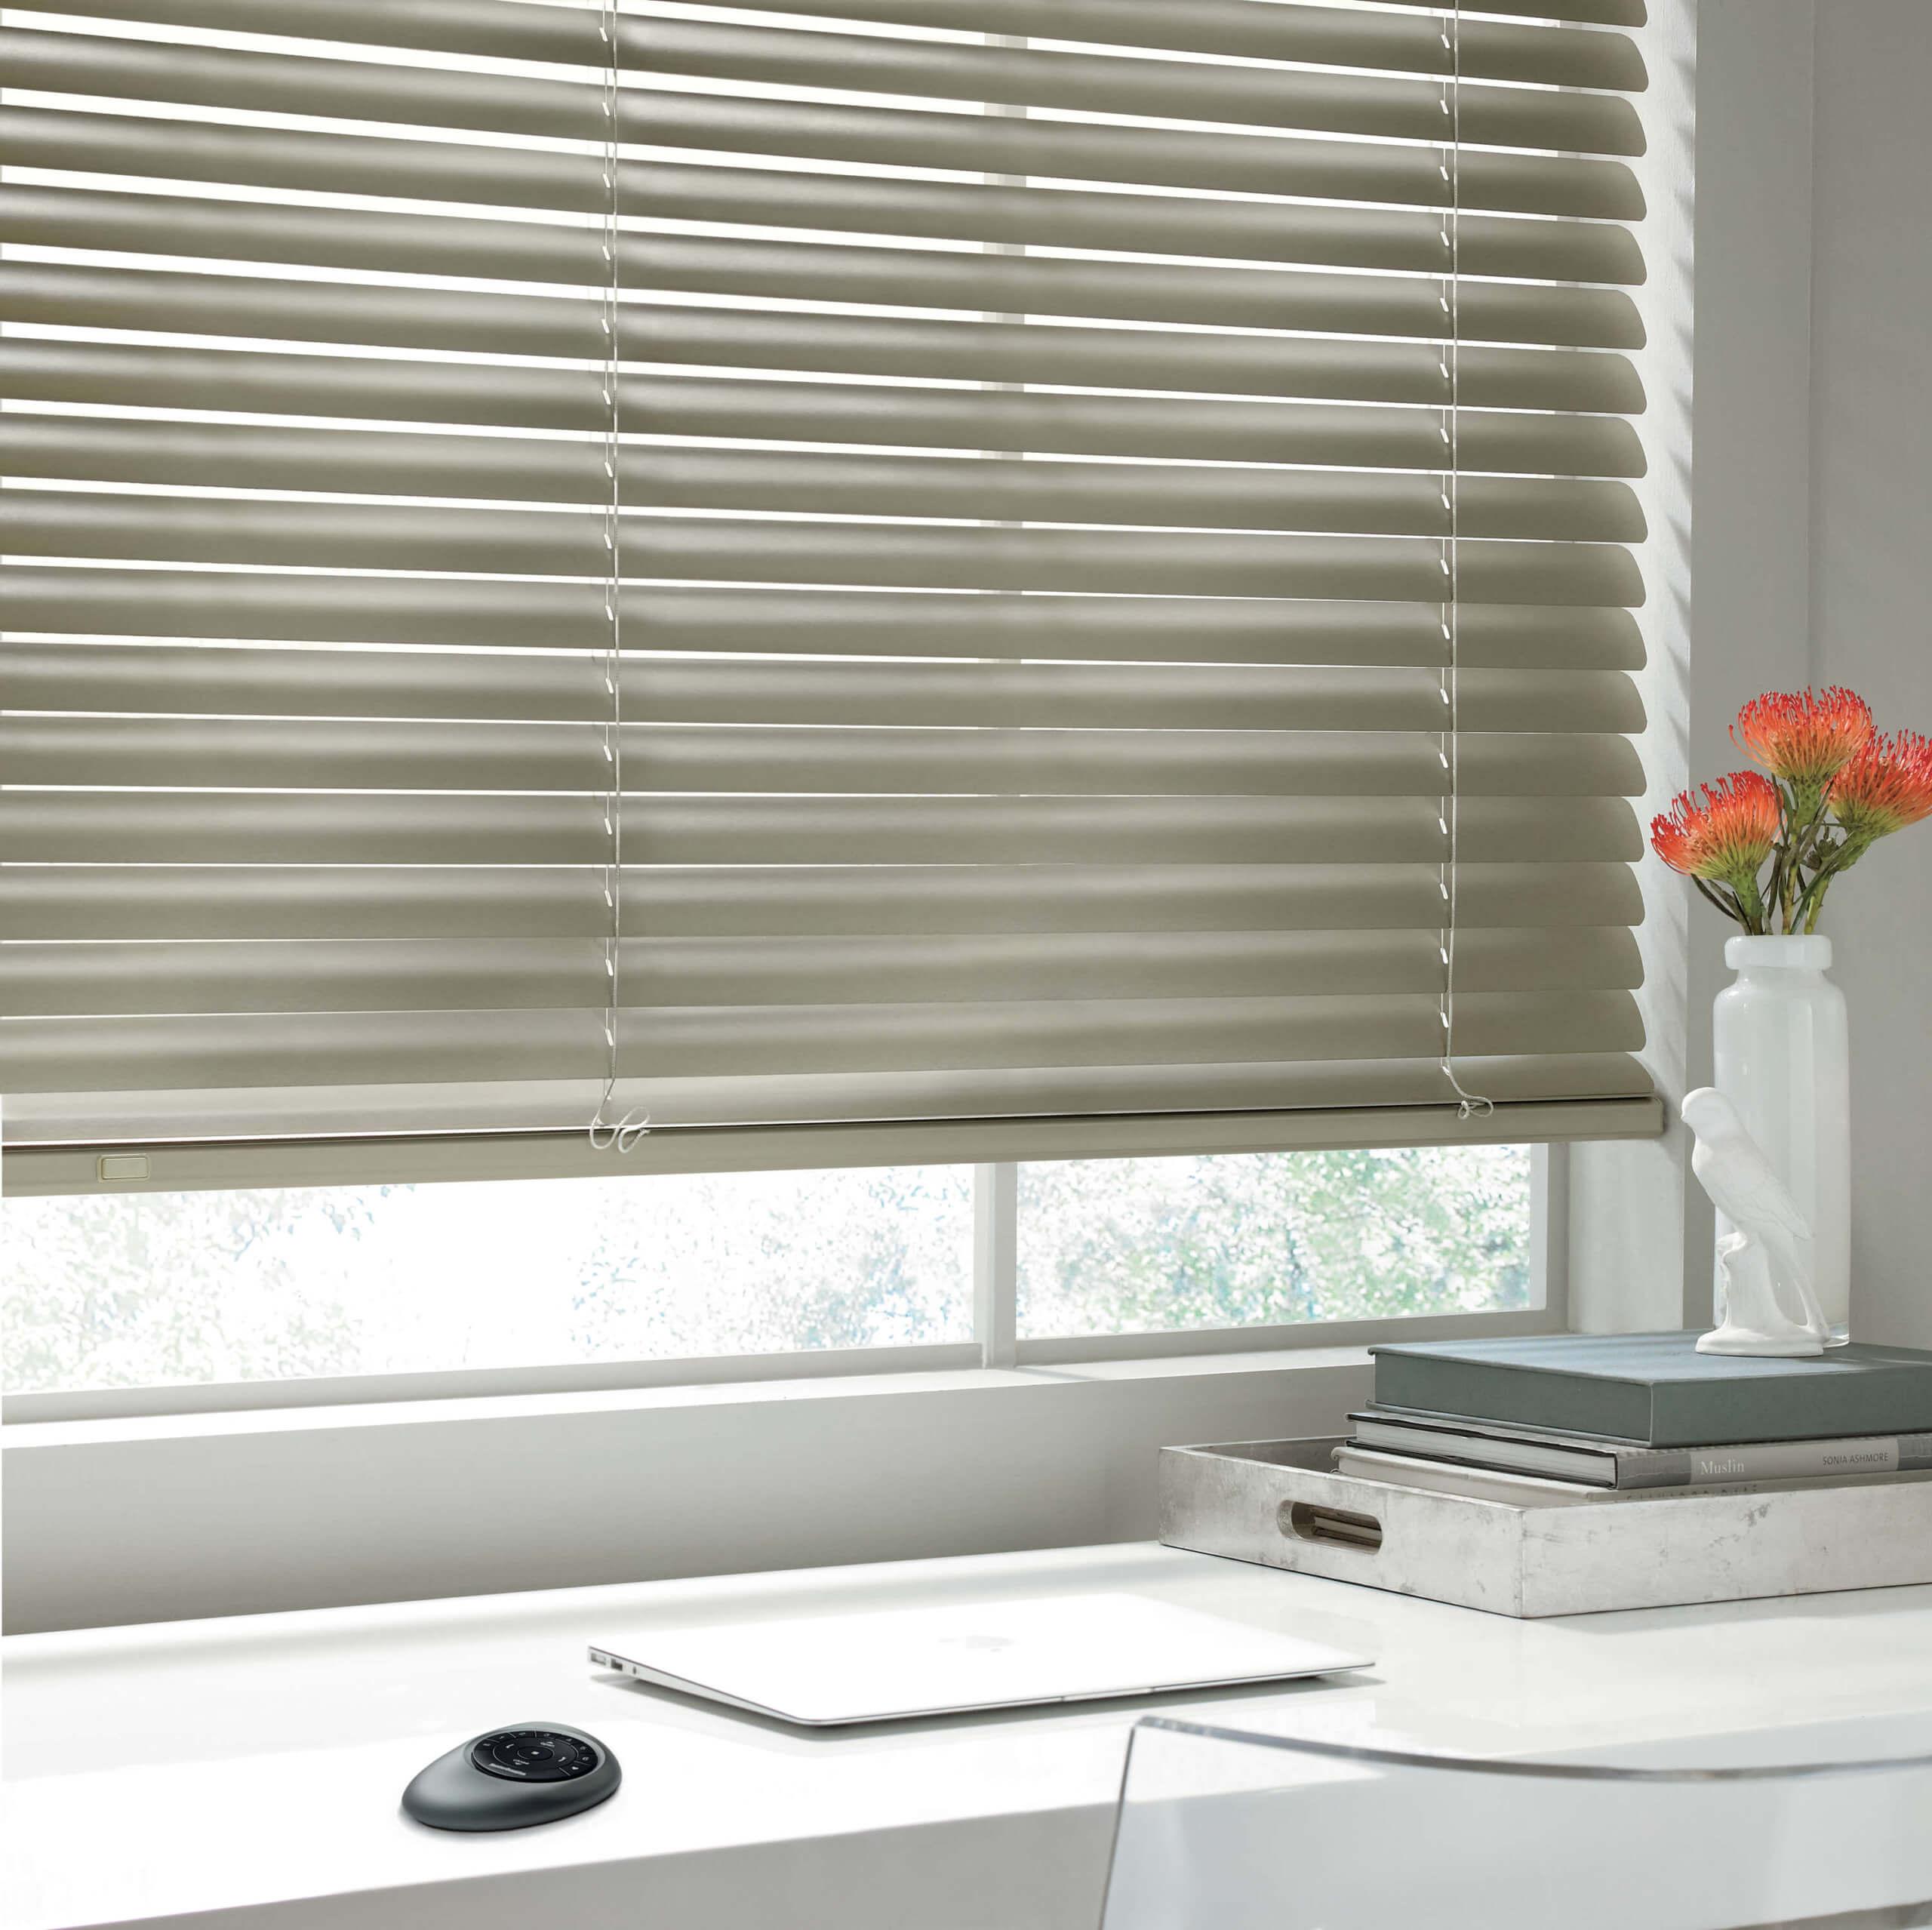 Motorized Window Treatment Options: Motorized blinds